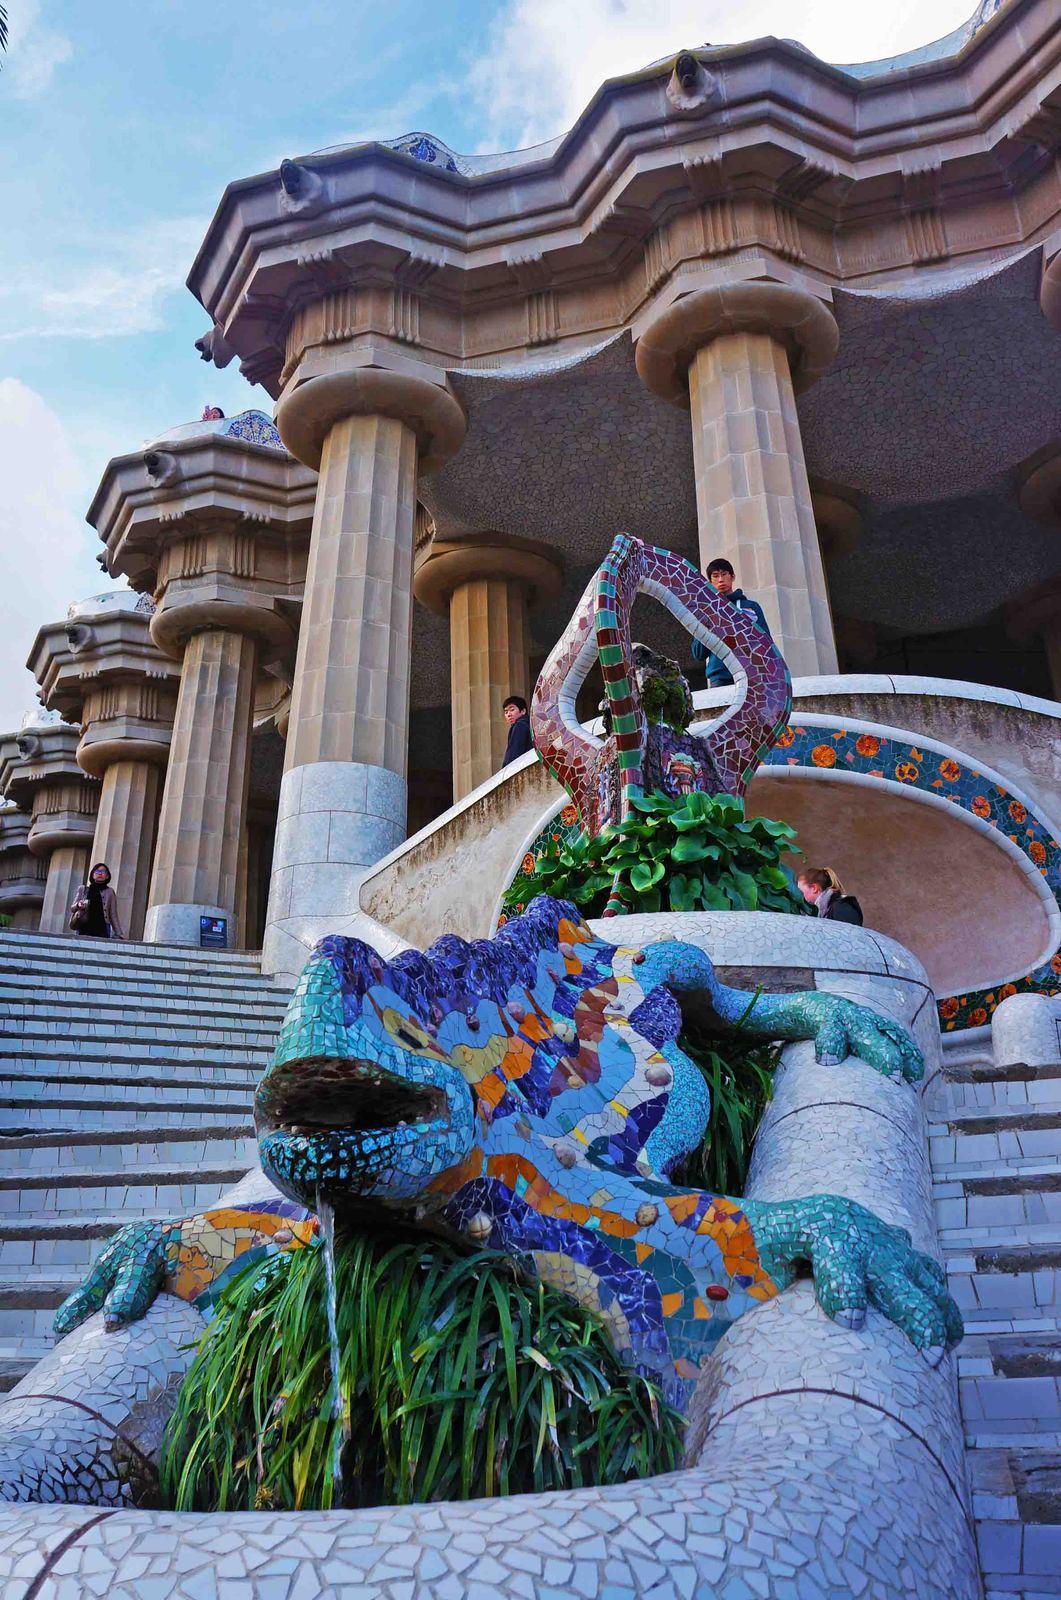 El Dragón de la Escalinata, Parque Güell en Barcelona